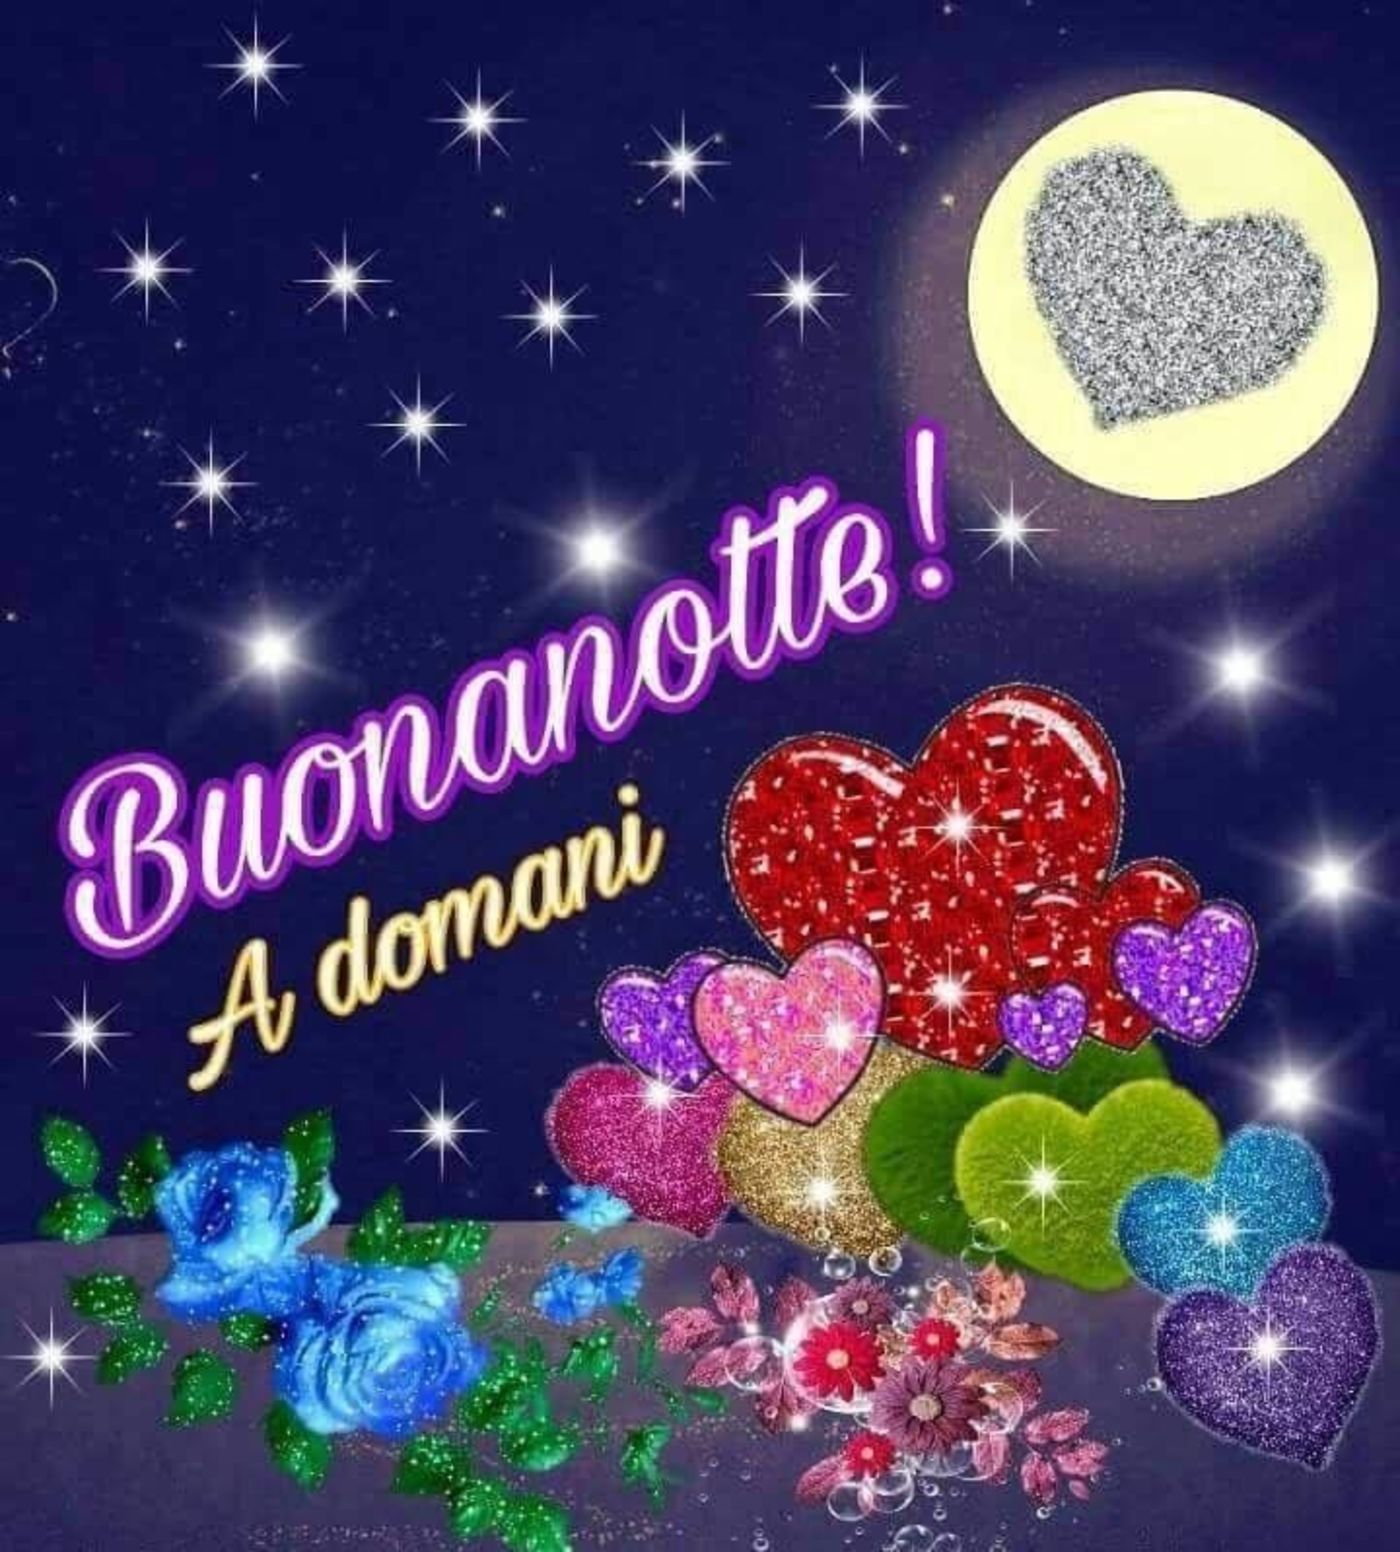 Buonanotte Immagini Da Condividere Gratis 6891 Buongiornissimocaffe It